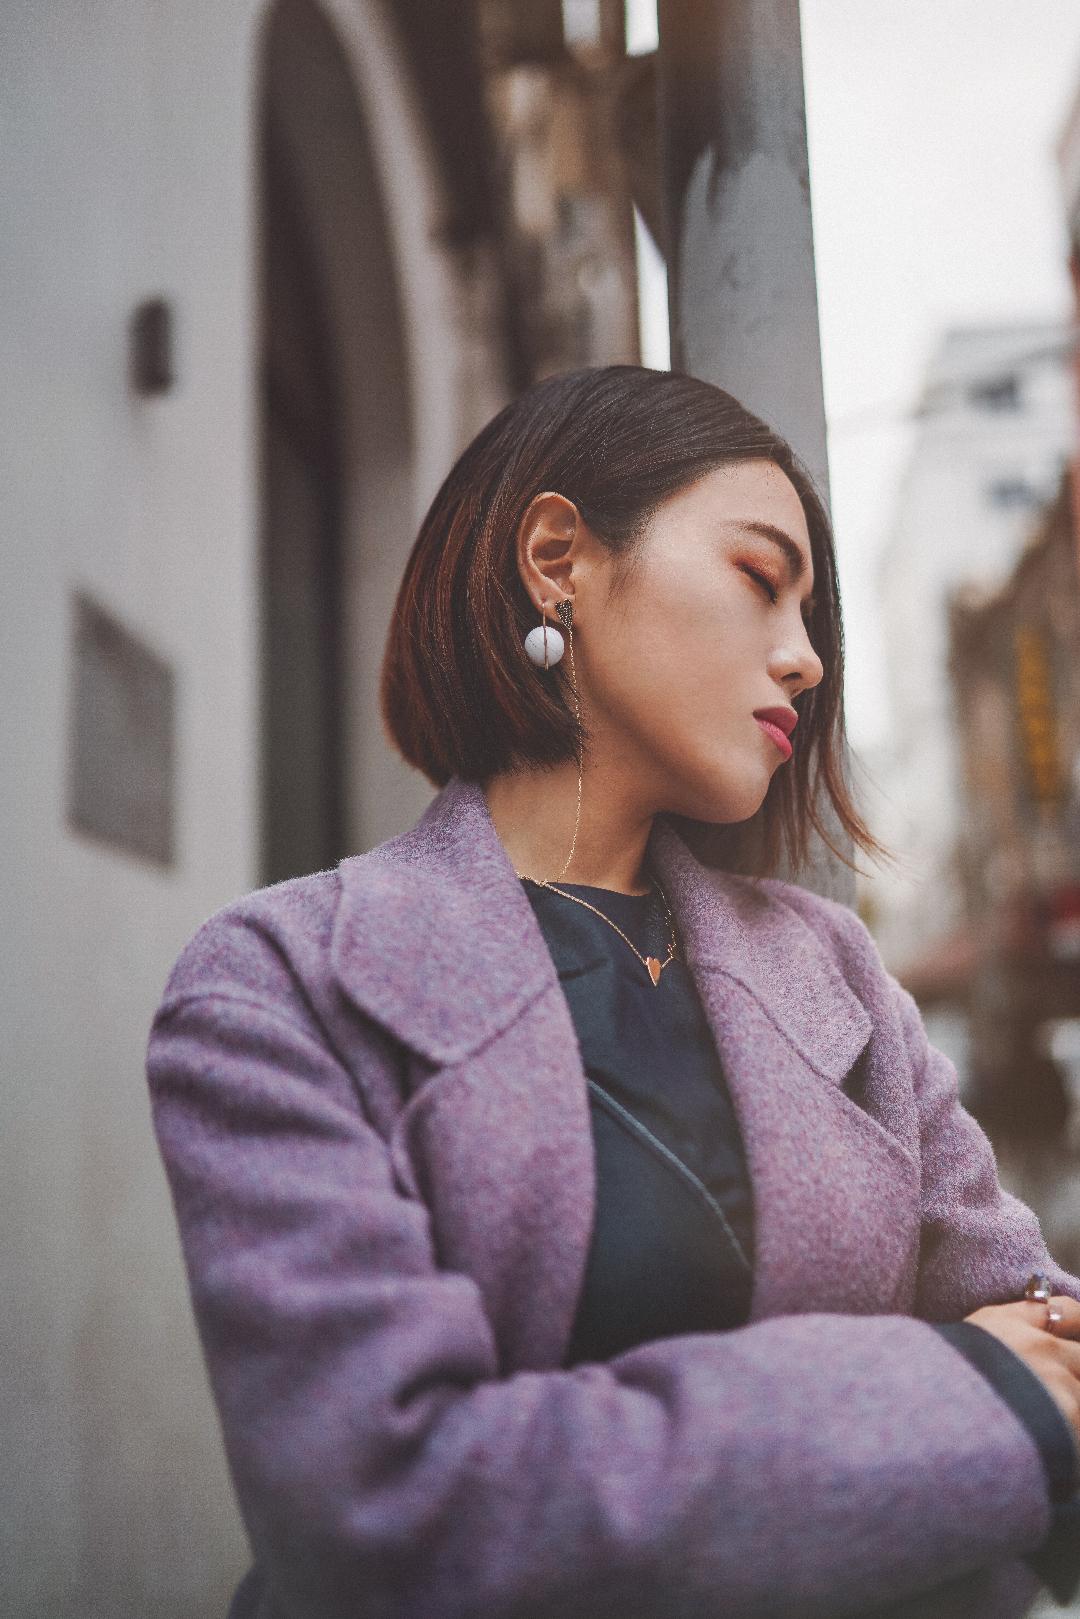 rosa穿搭|秋冬雾霾紫怎么穿出气质|小个子气场穿搭 秋冬紫色LOOK的小心机 黑白灰的秋冬 急需一抹亮色出彩 最简单采用同色系搭配大法,饱和度深浅度不同 让搭配更有层次感。 大衣里面尽量选择同一色系,比如一条纯色连衣裙,这样即使大衣敞开穿,也切割了身型,不分段,更显条顺。 利用饰品增加搭配的质感。鞋子中有珍珠装饰,耳饰也选择带有珍珠元素的。而戒指则是颜色上呼应了整体的蓝紫色调。 #穿对大衣,一步巴黎#